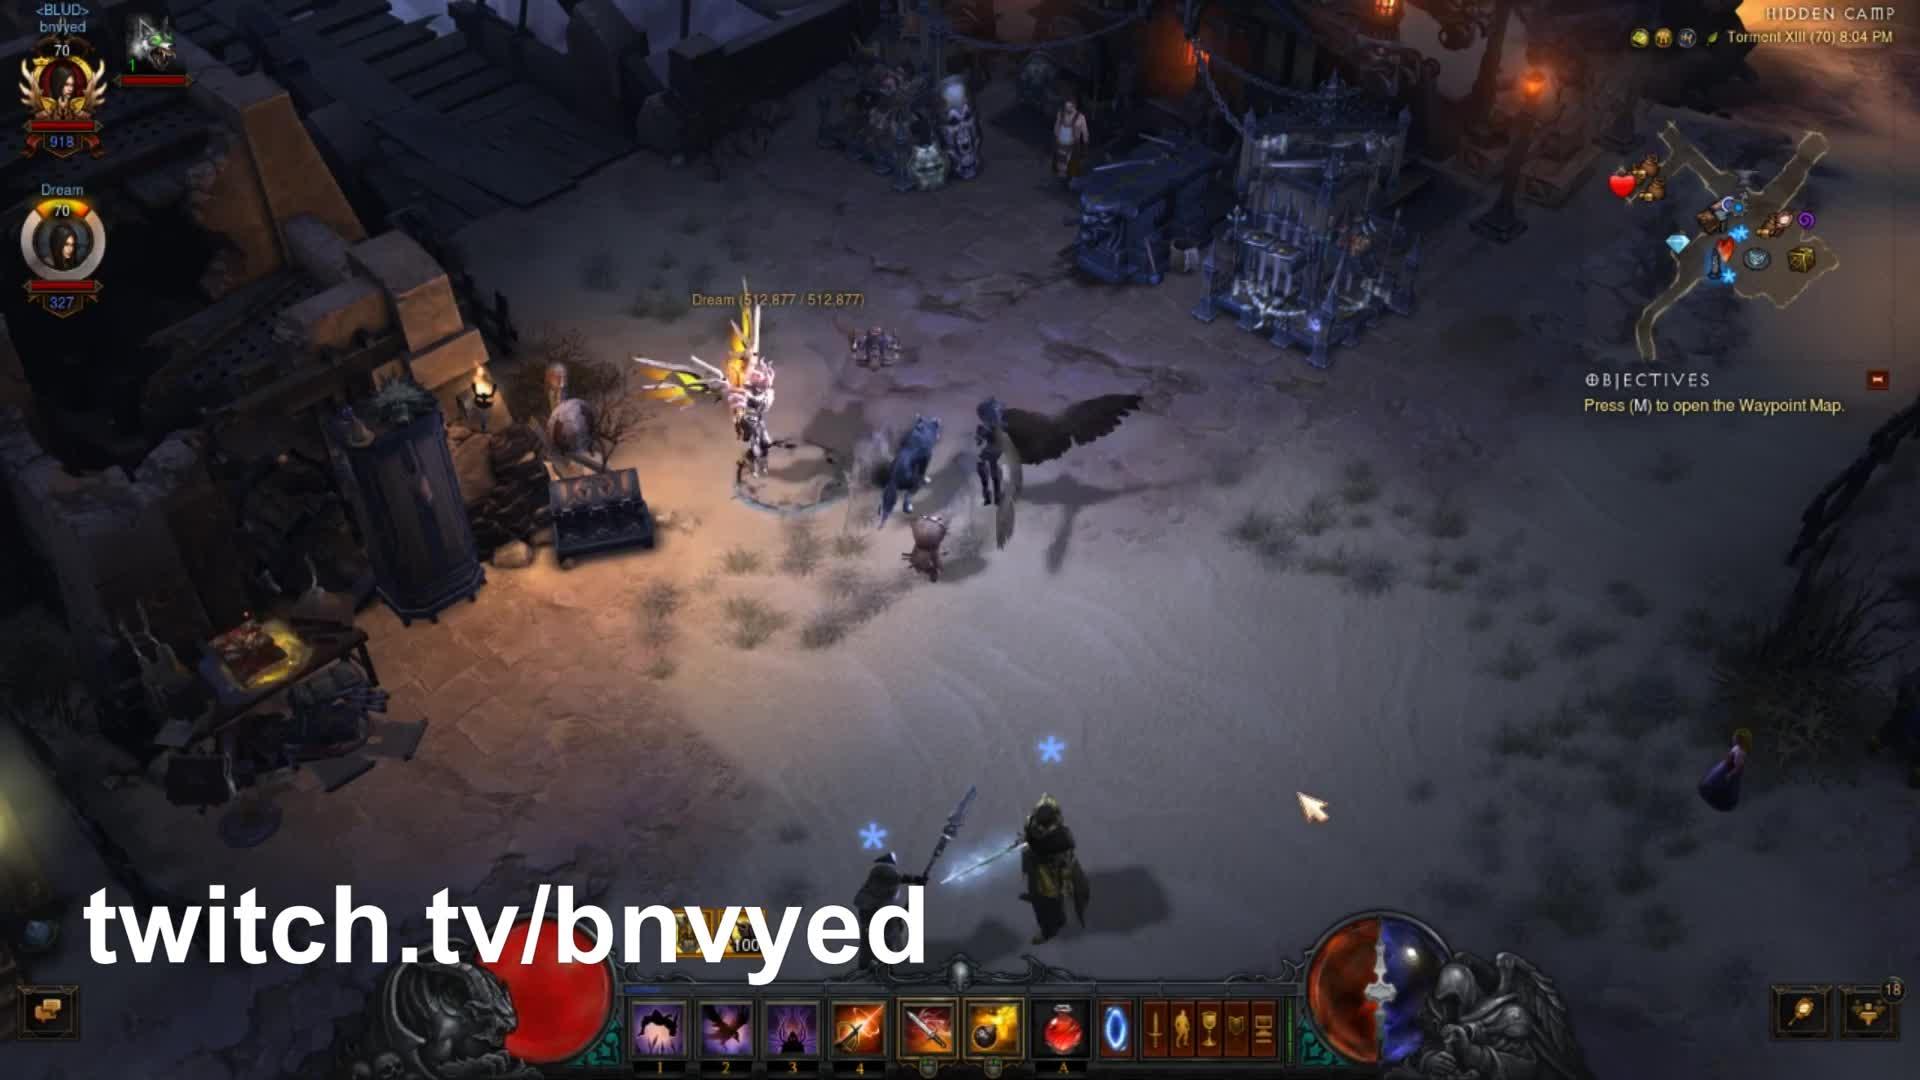 bnvyed, Diablo Dancers GIFs